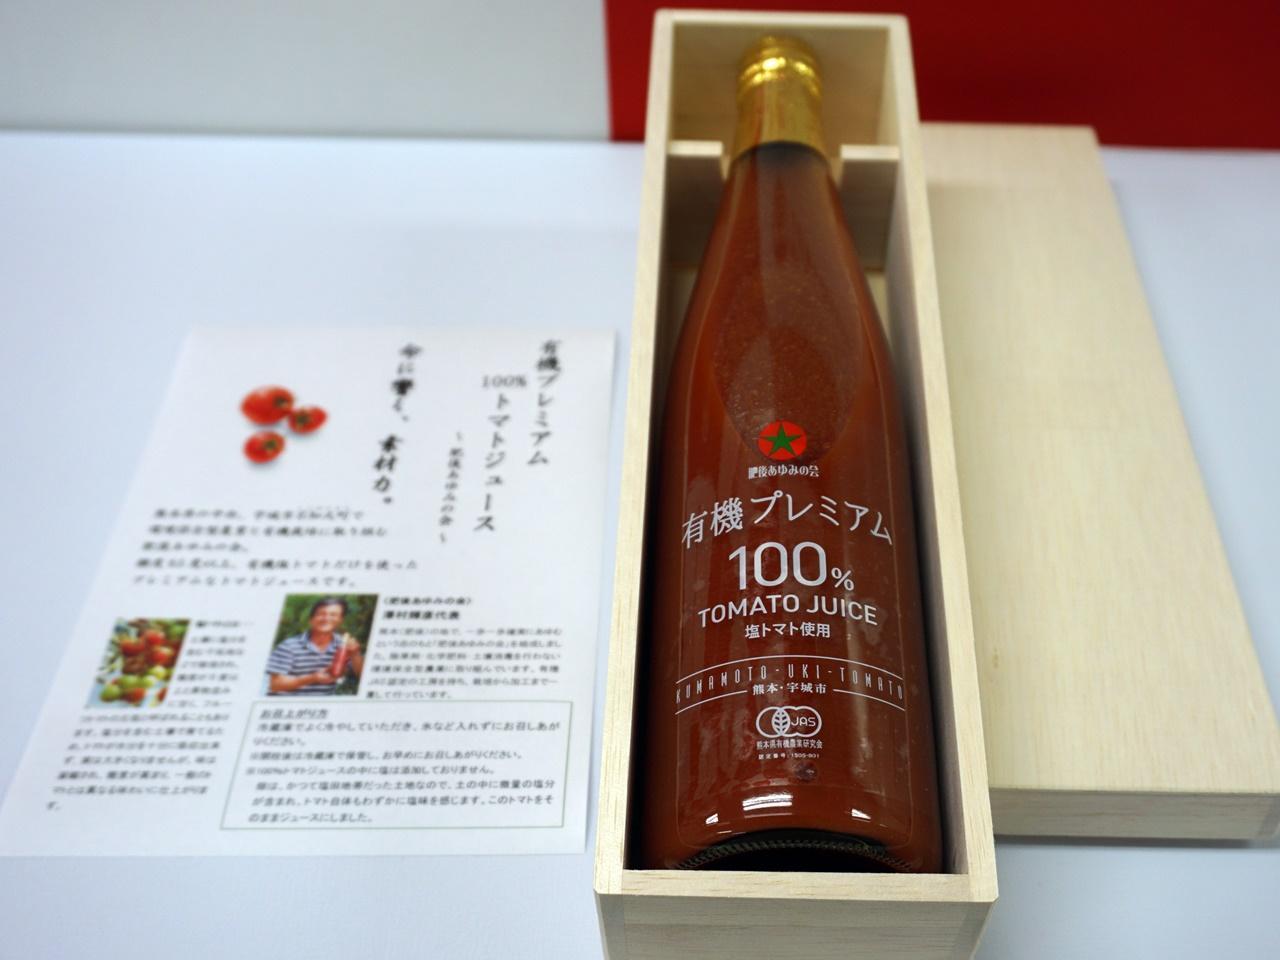 【高島屋限定】<熊本・肥後あゆみの会>有機プレミアム100%トマトジュース